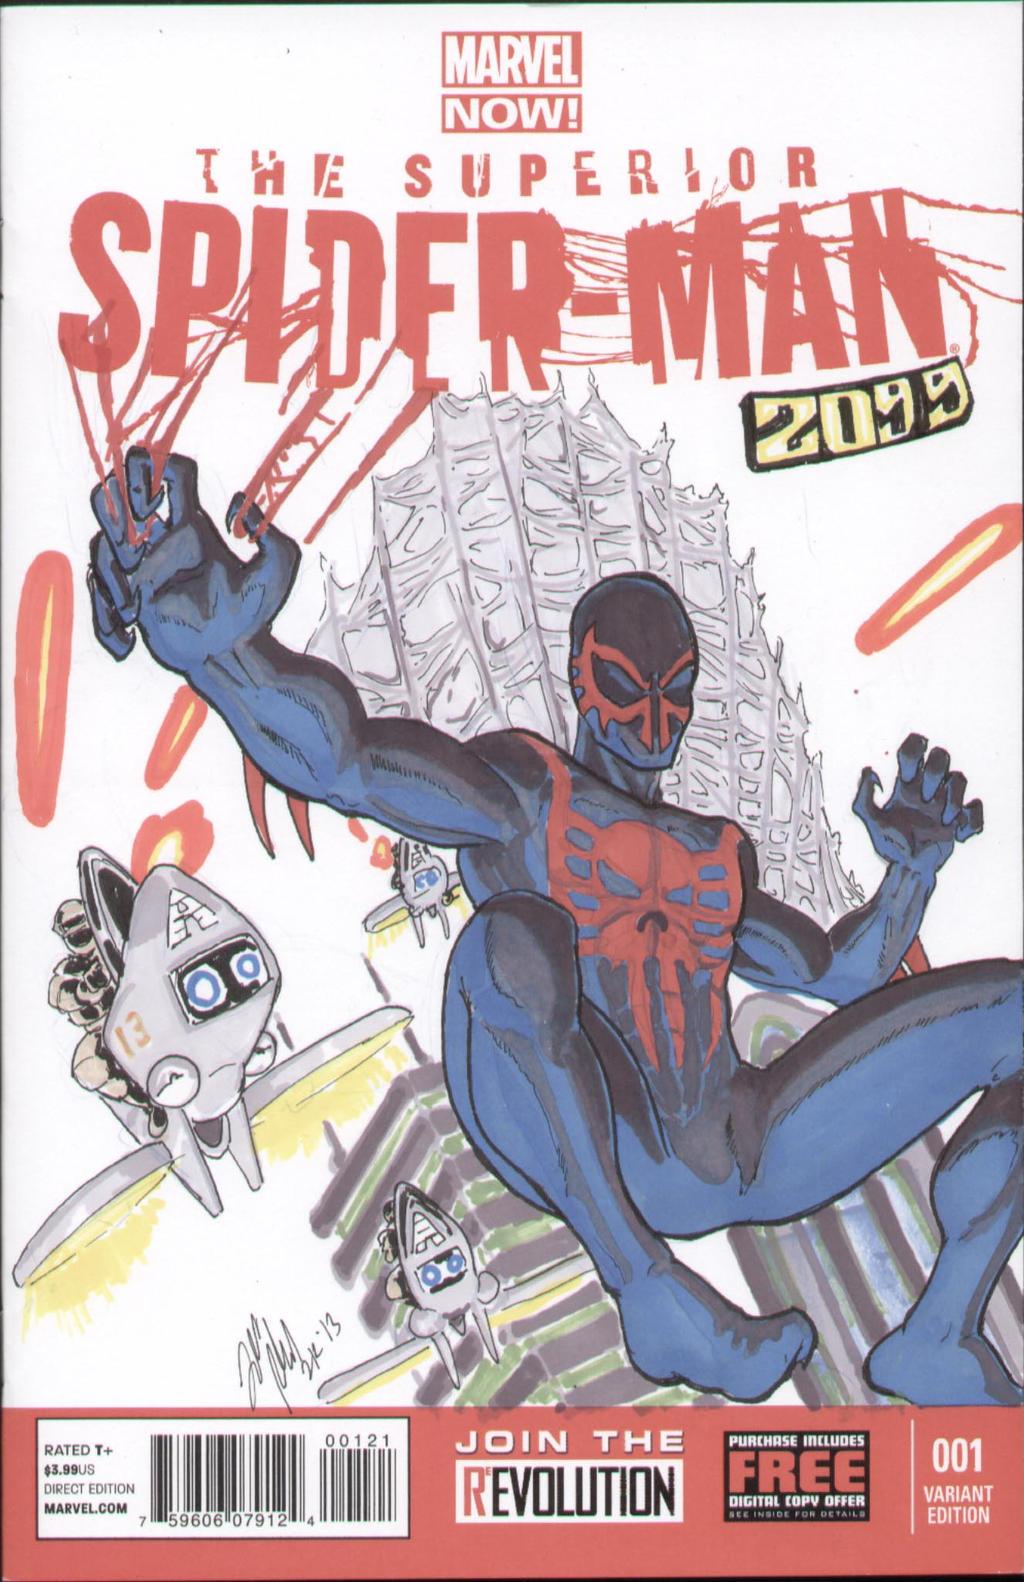 Superior Spider-Man-2099 by shinlyle on DeviantArt